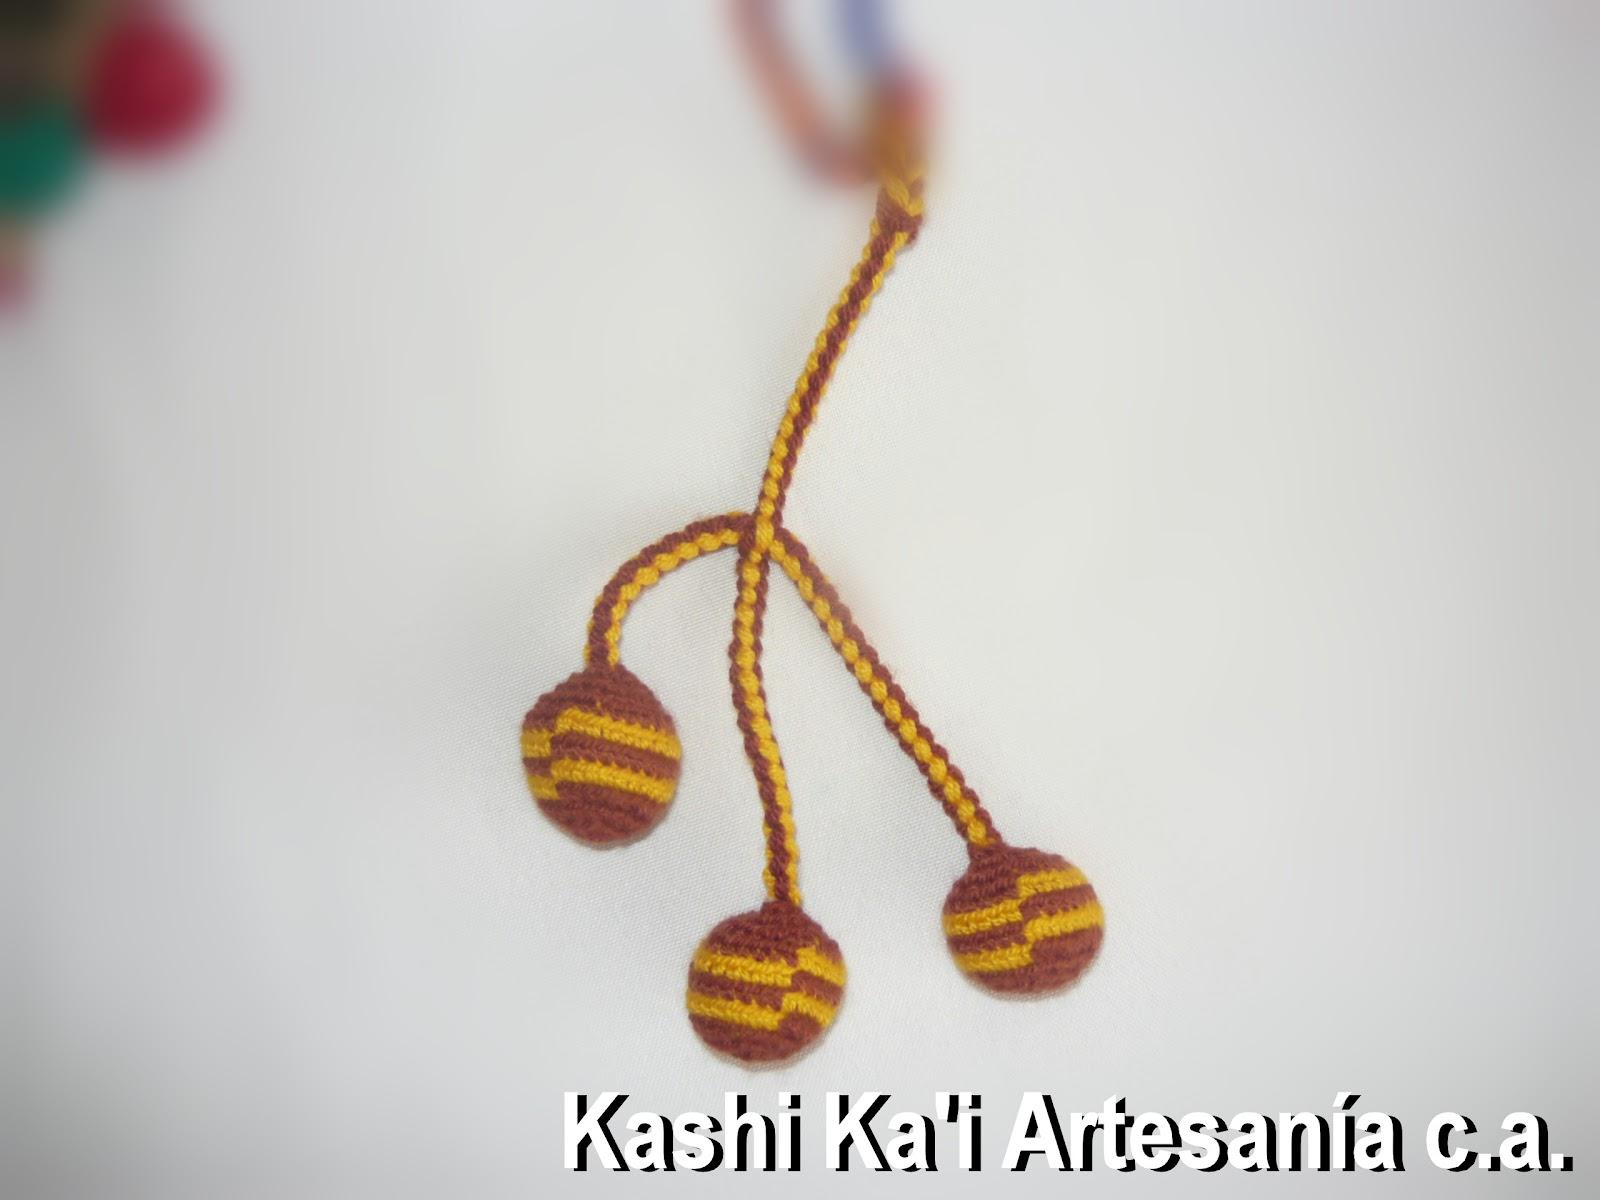 Bisuteria. LLAVEROS En tejidos indígenas Wayuu